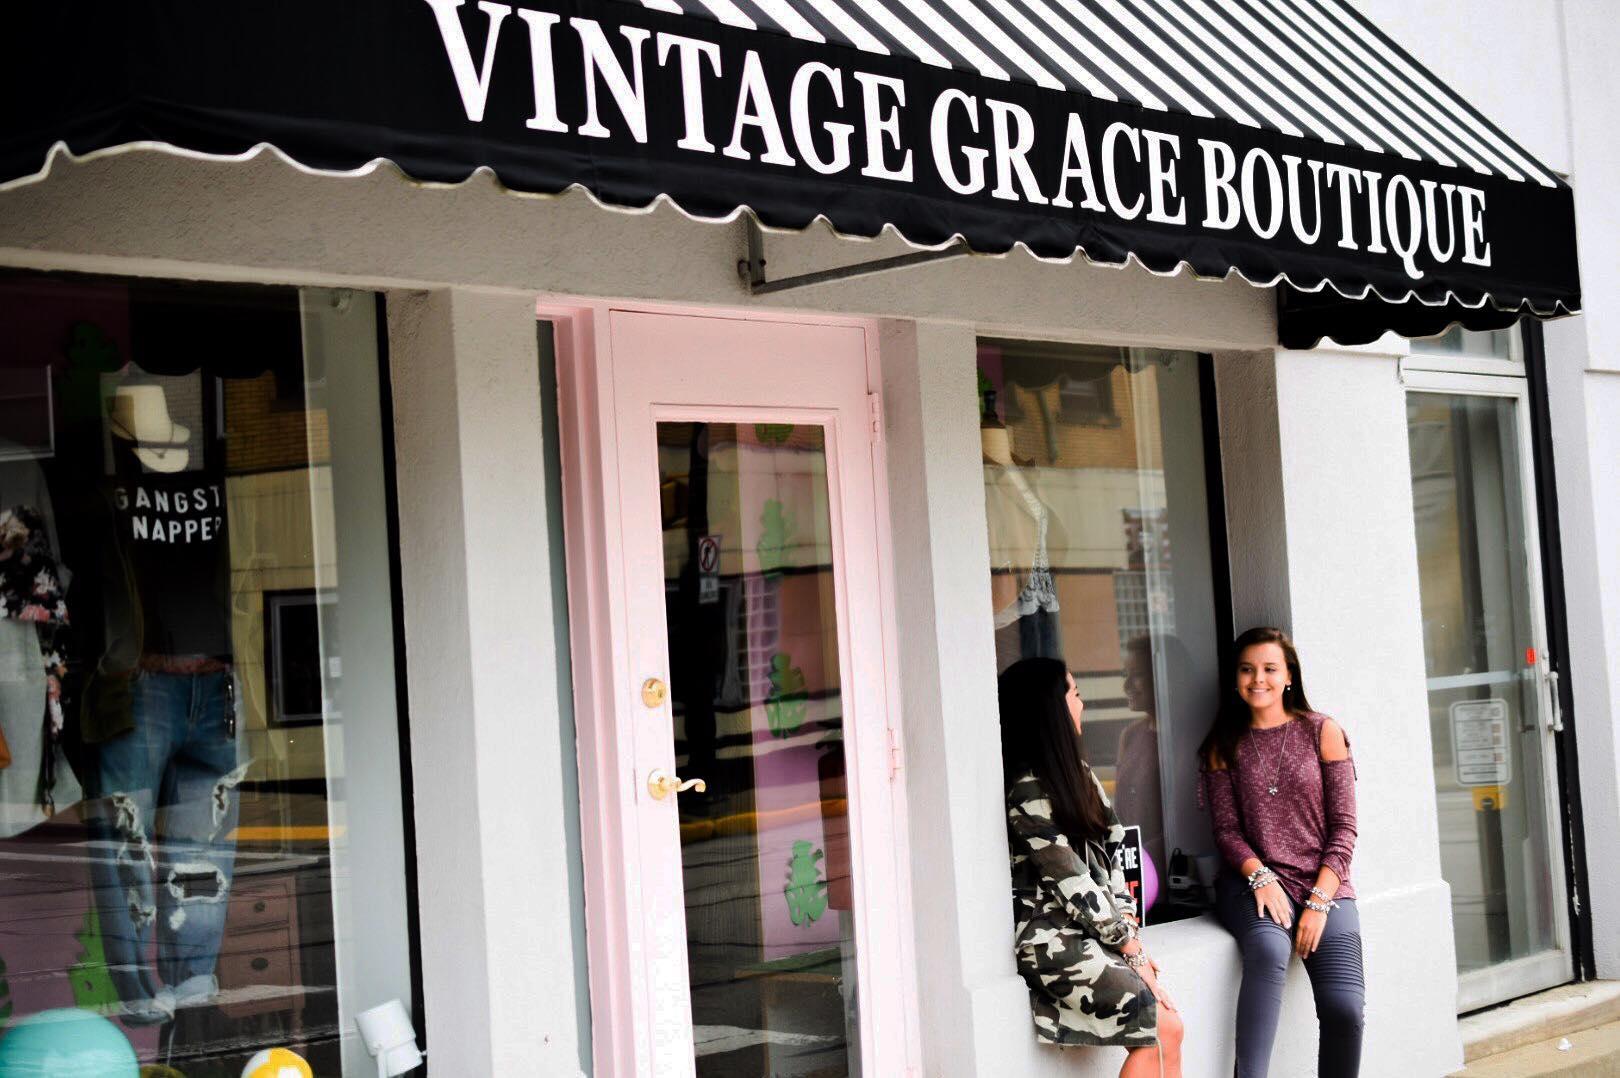 Vintage Grace Boutique